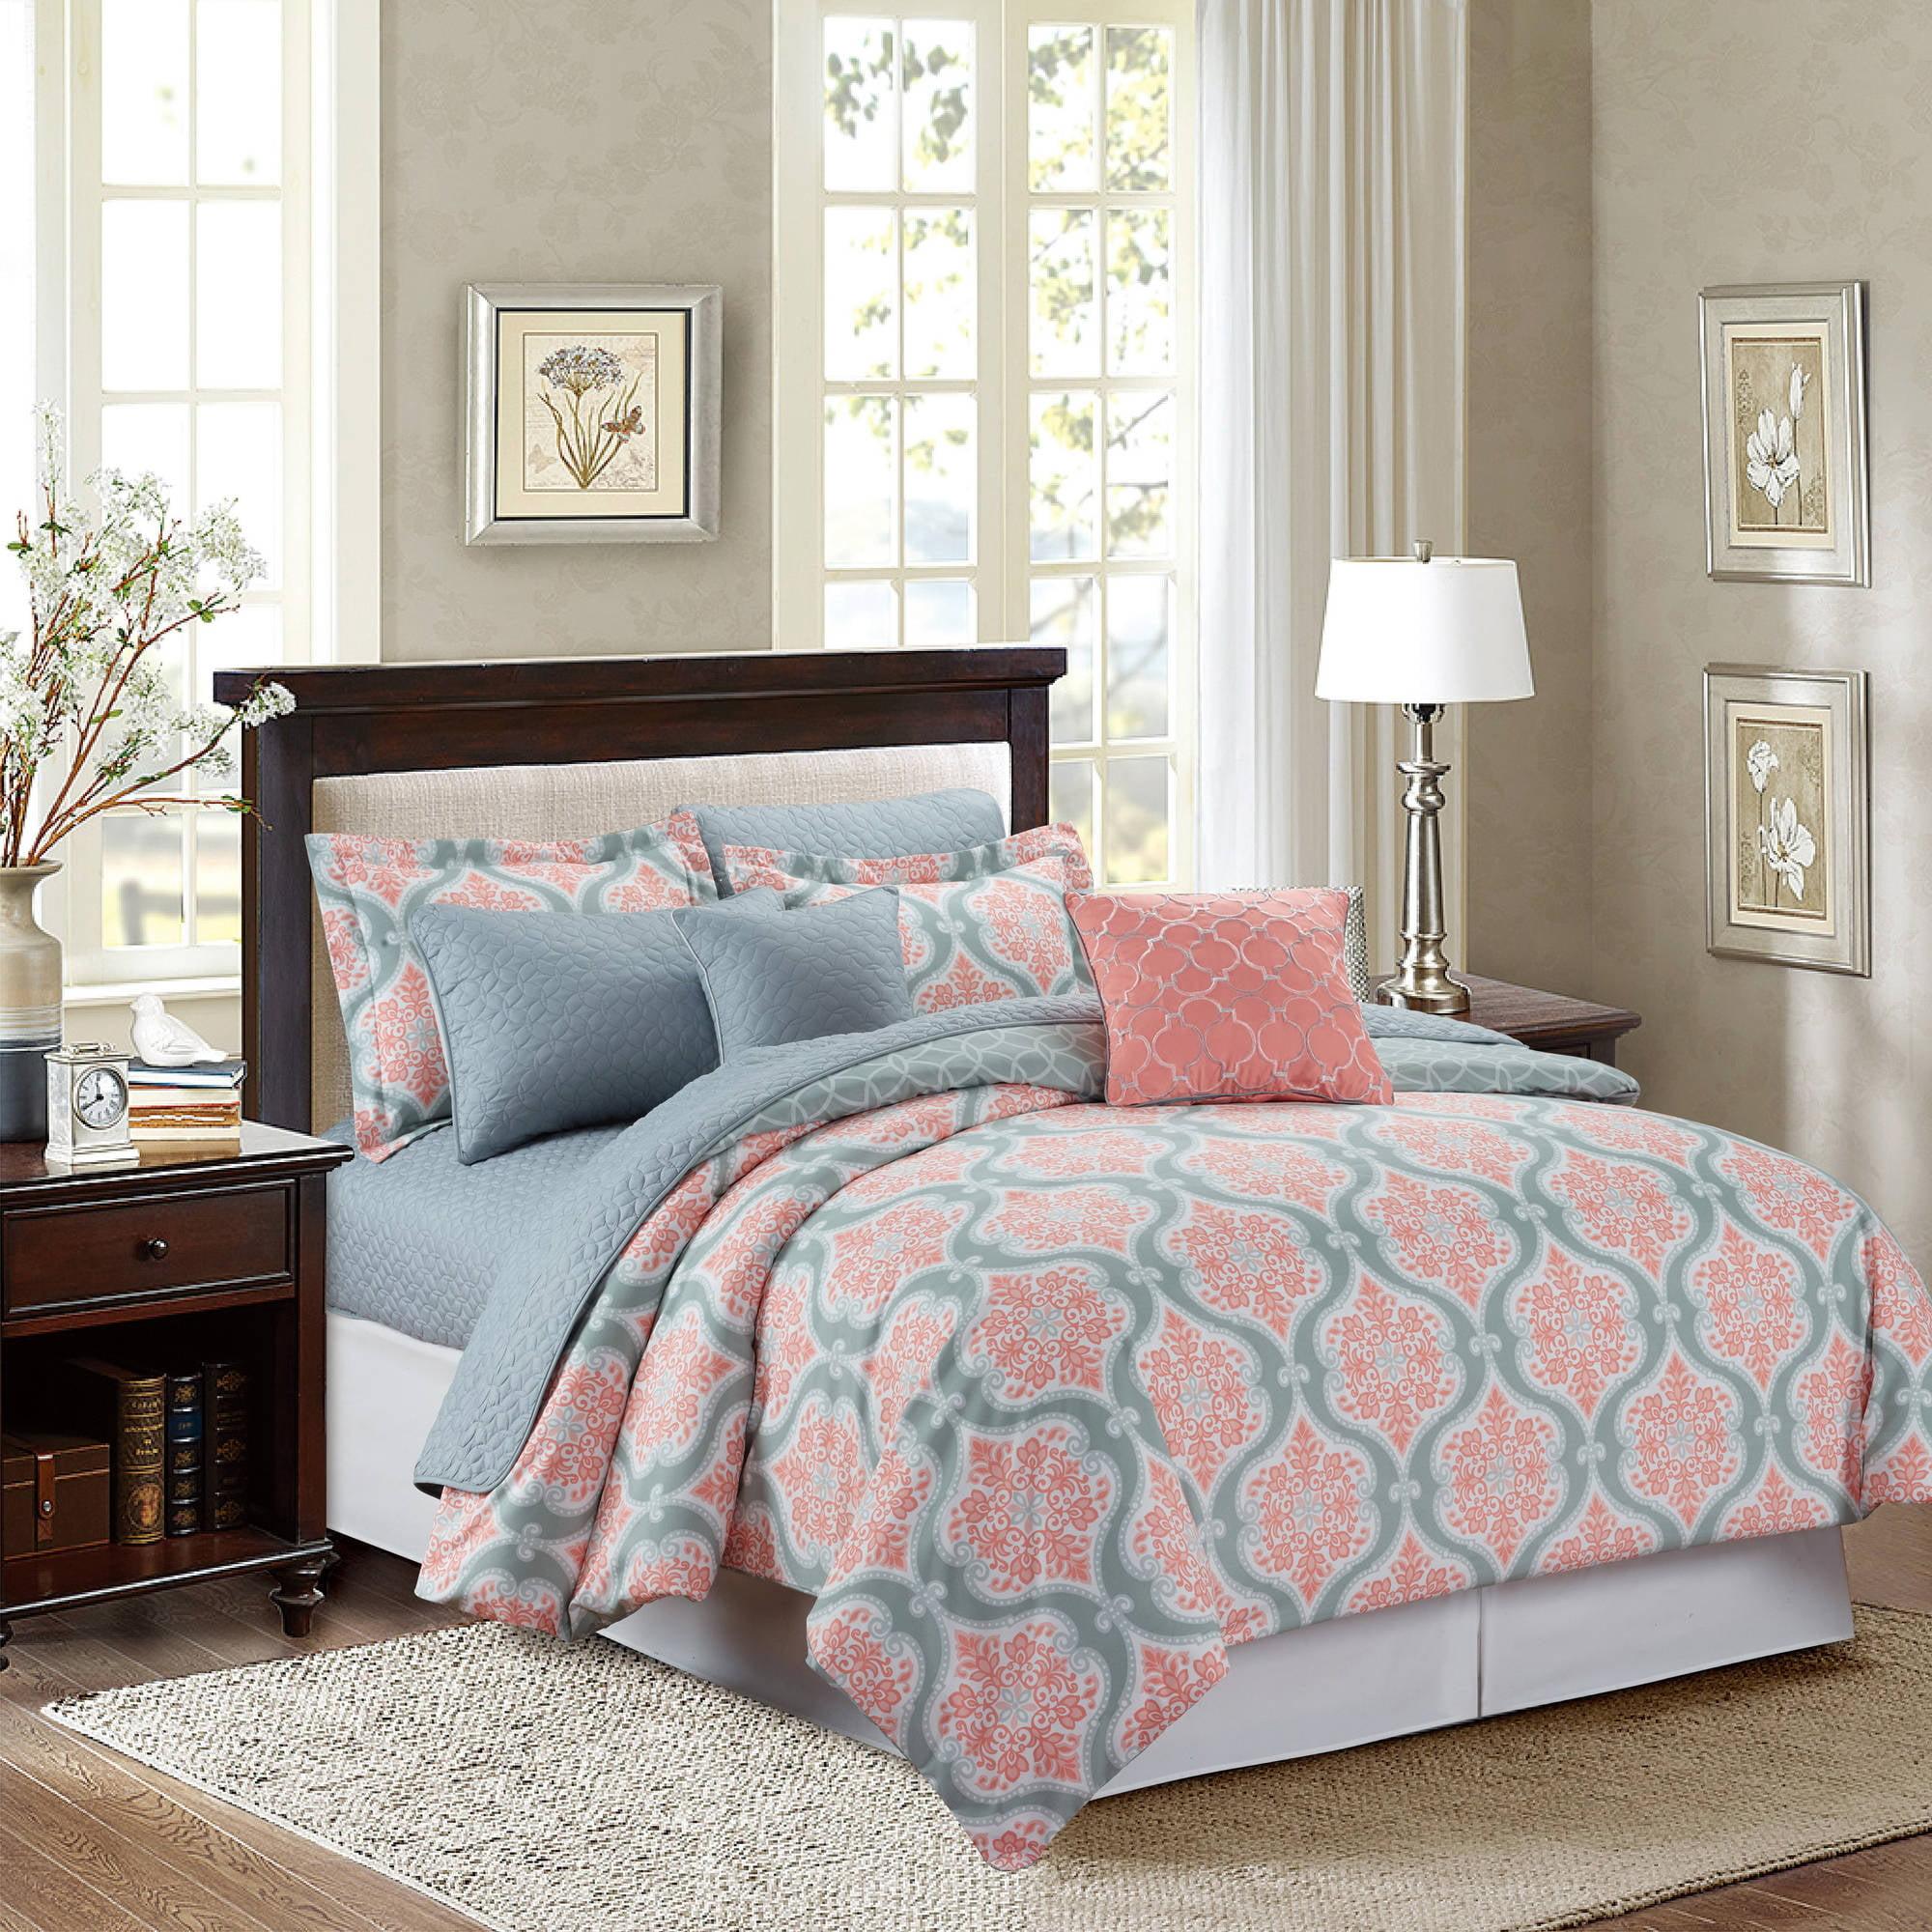 Marina 8-Piece Comforter Set